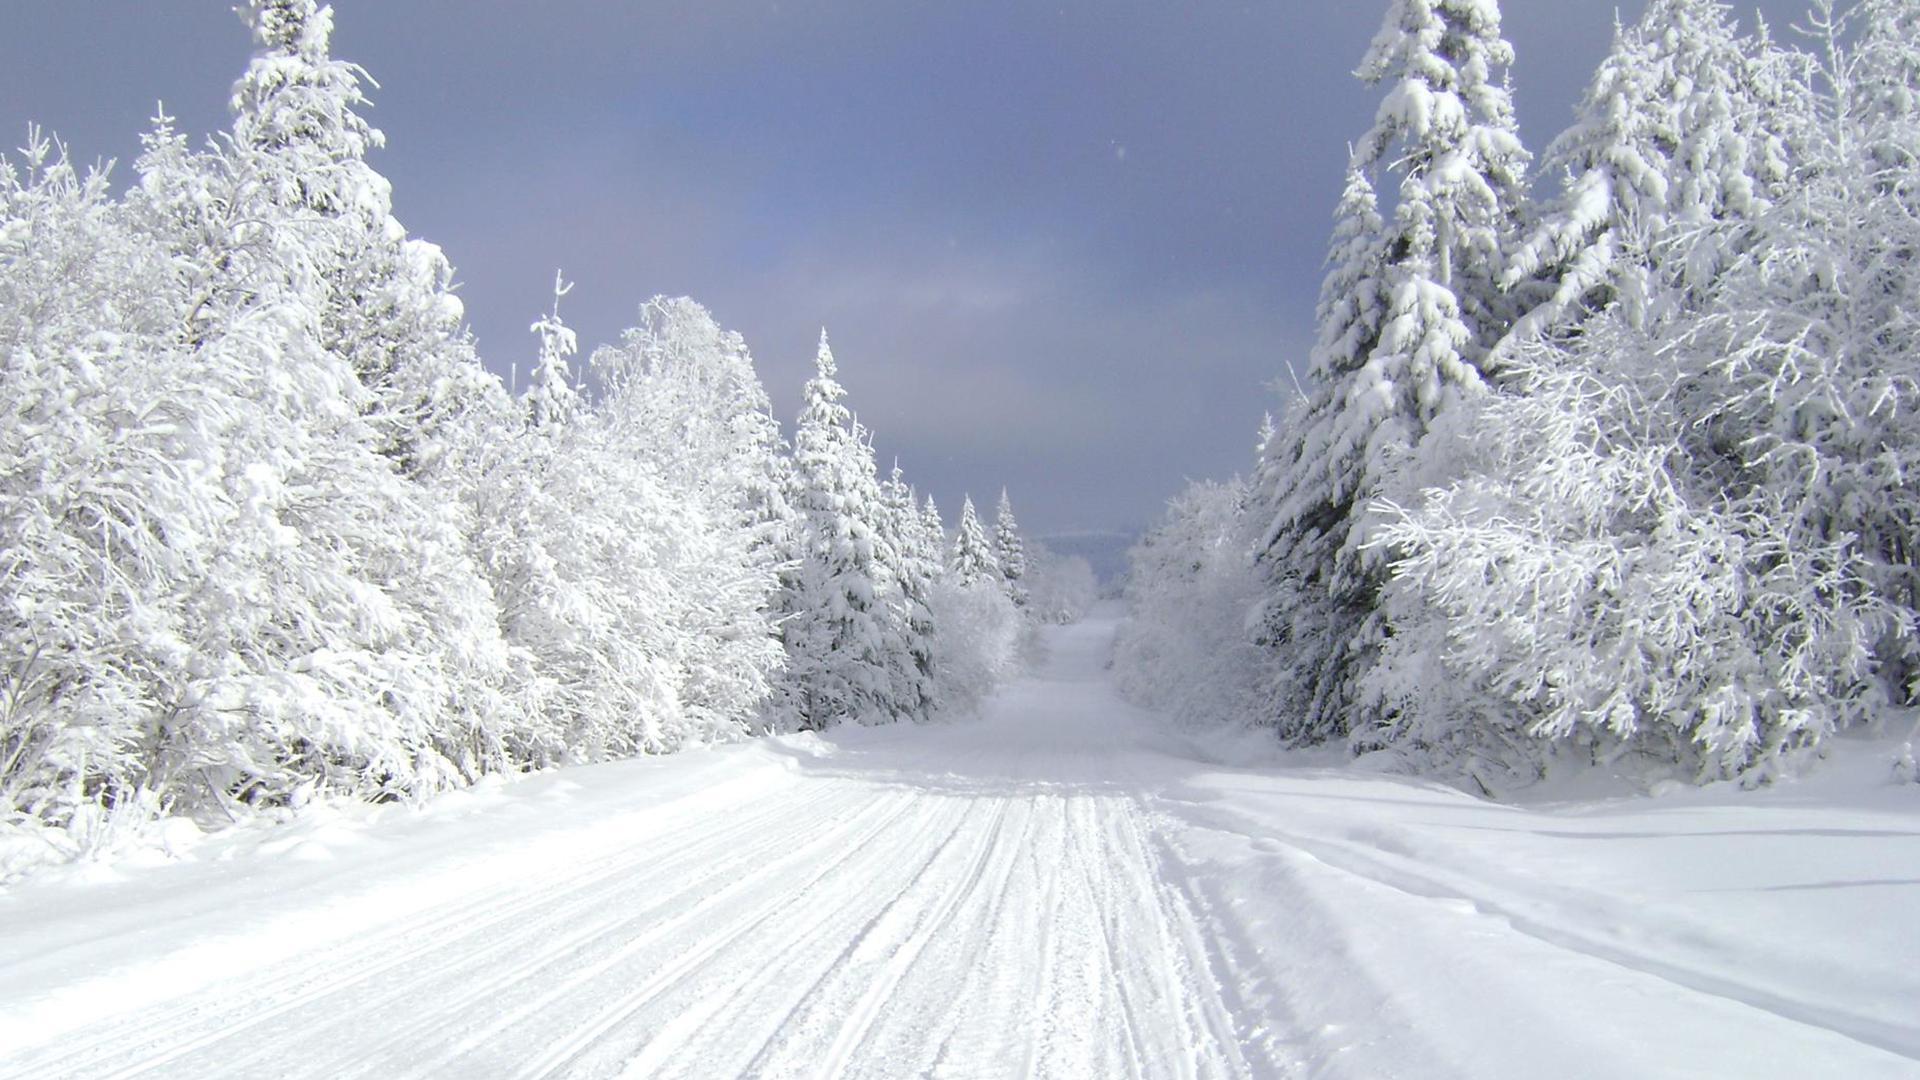 Mùa đông tuyết phủ trắng xóa